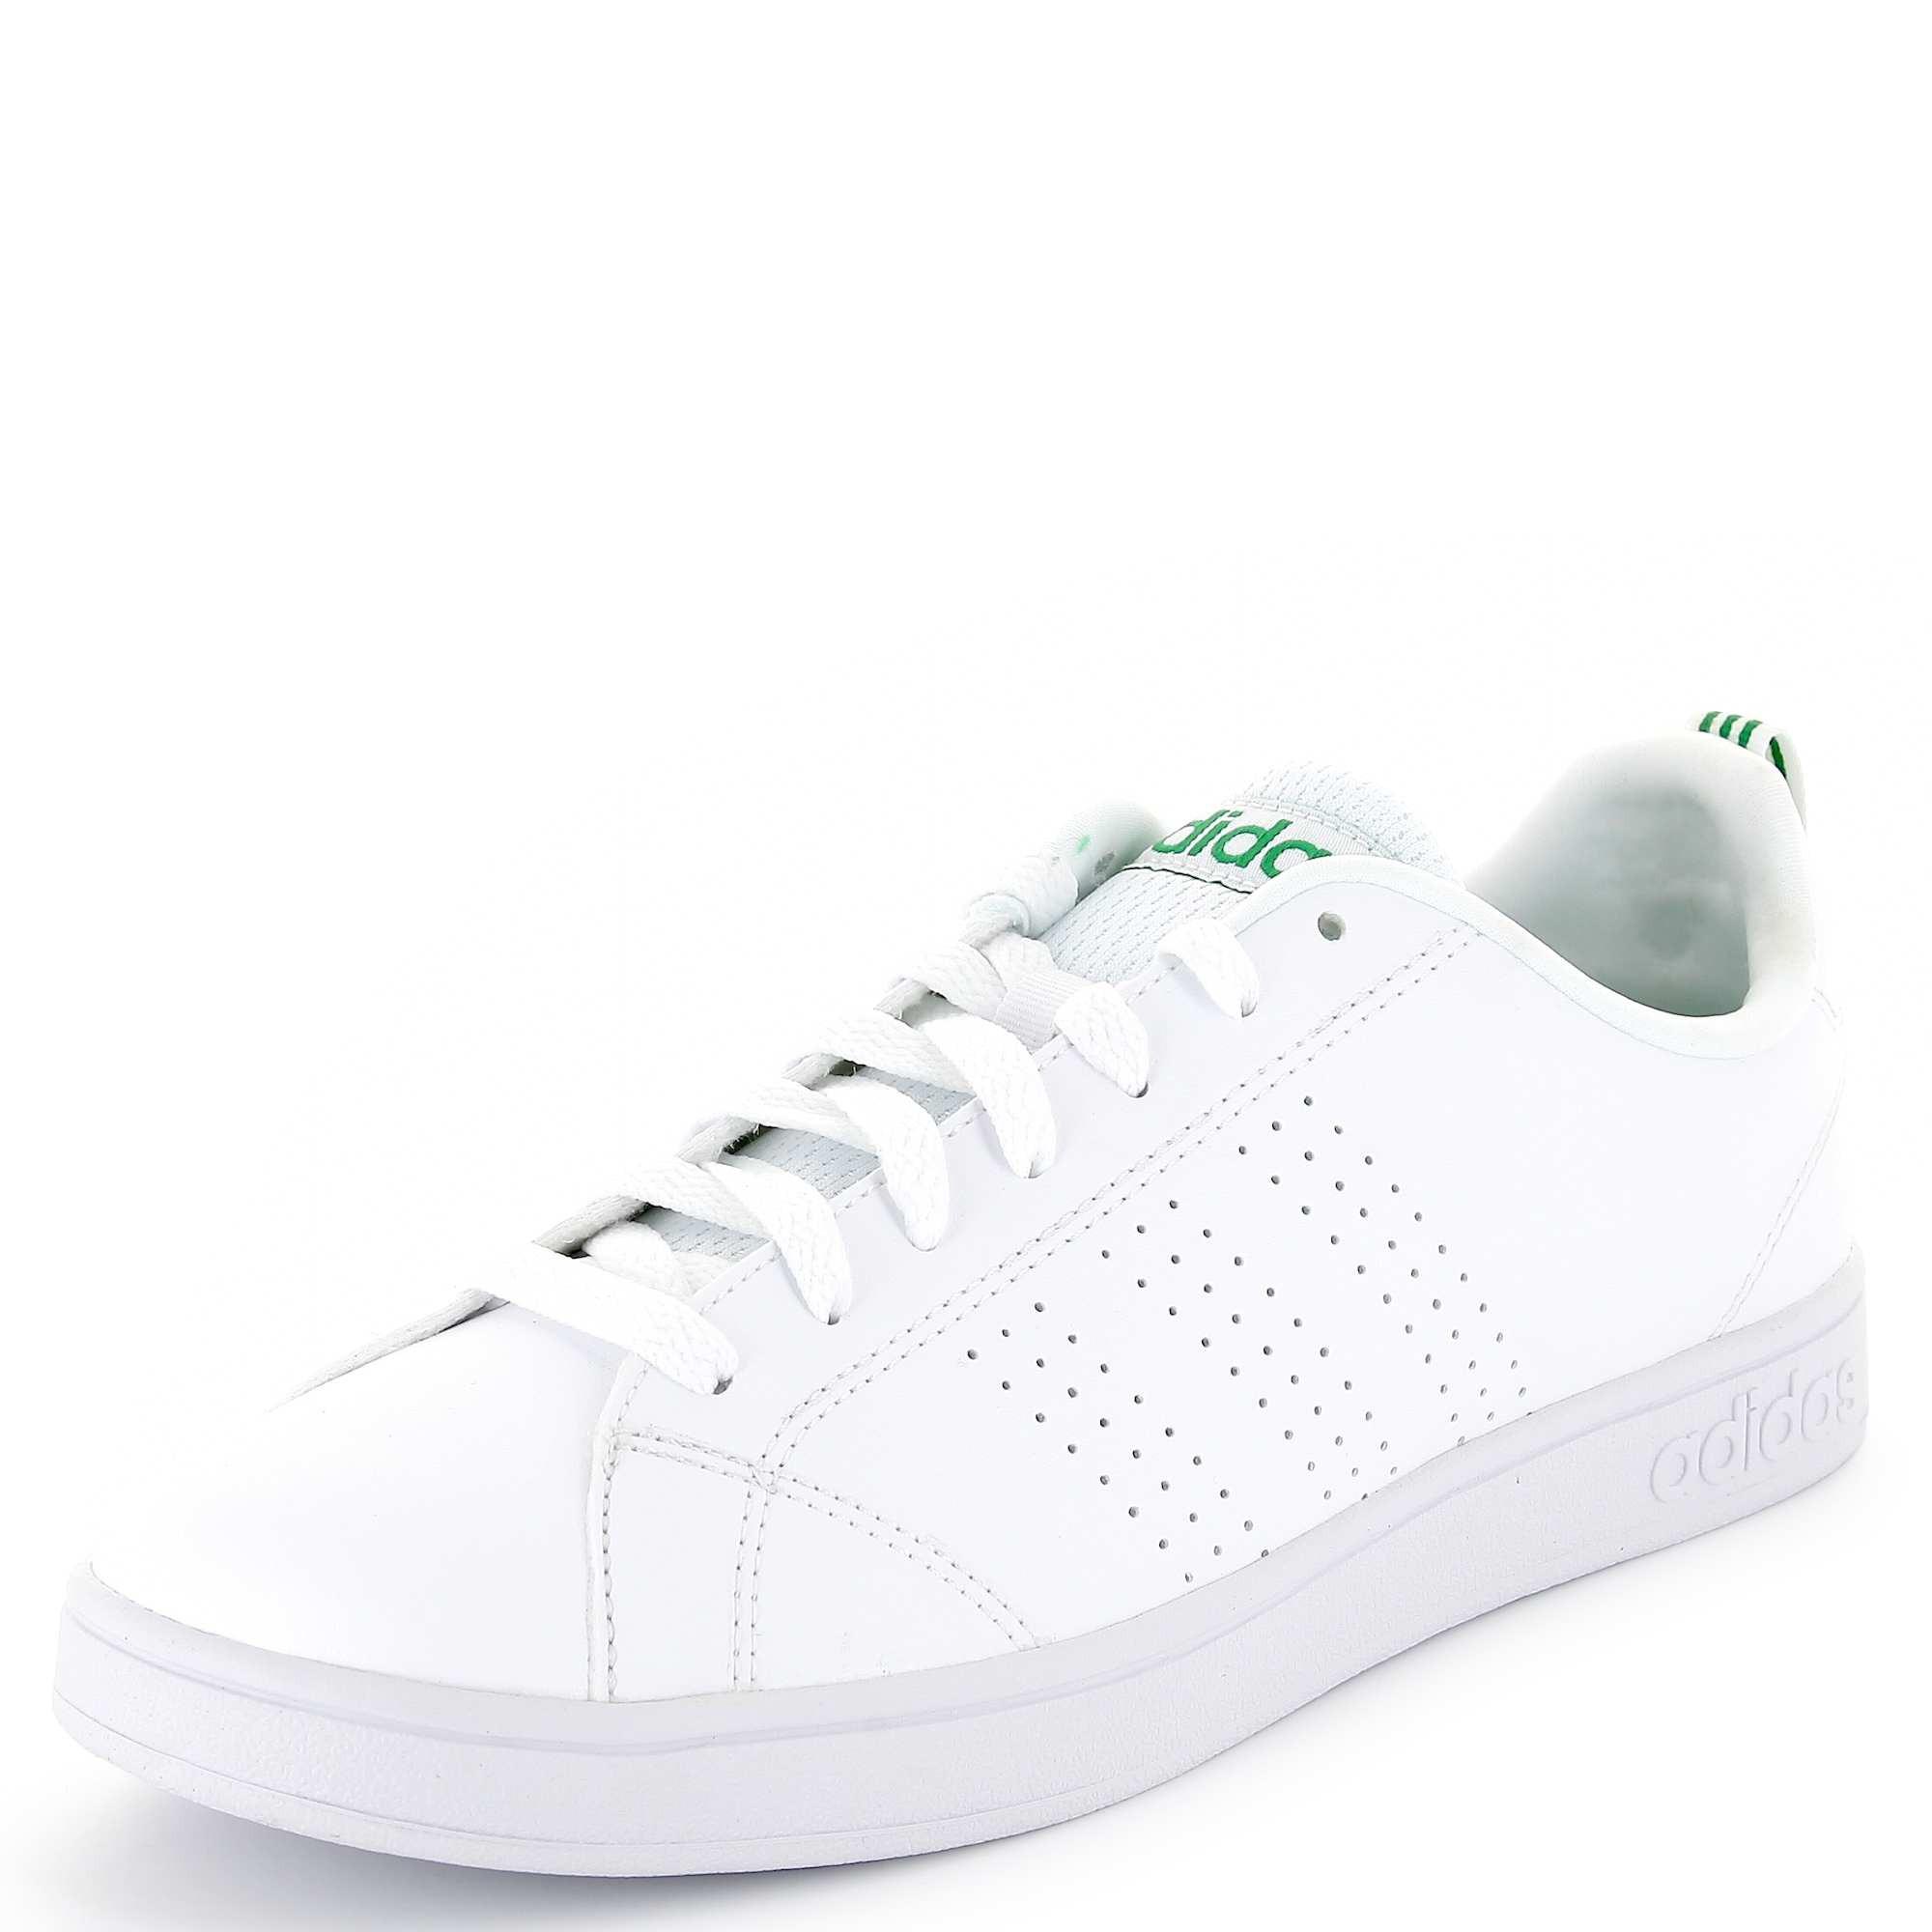 الإصدار لؤلؤة يبكي adidas baskets cf advantage femme - icedcourses.com